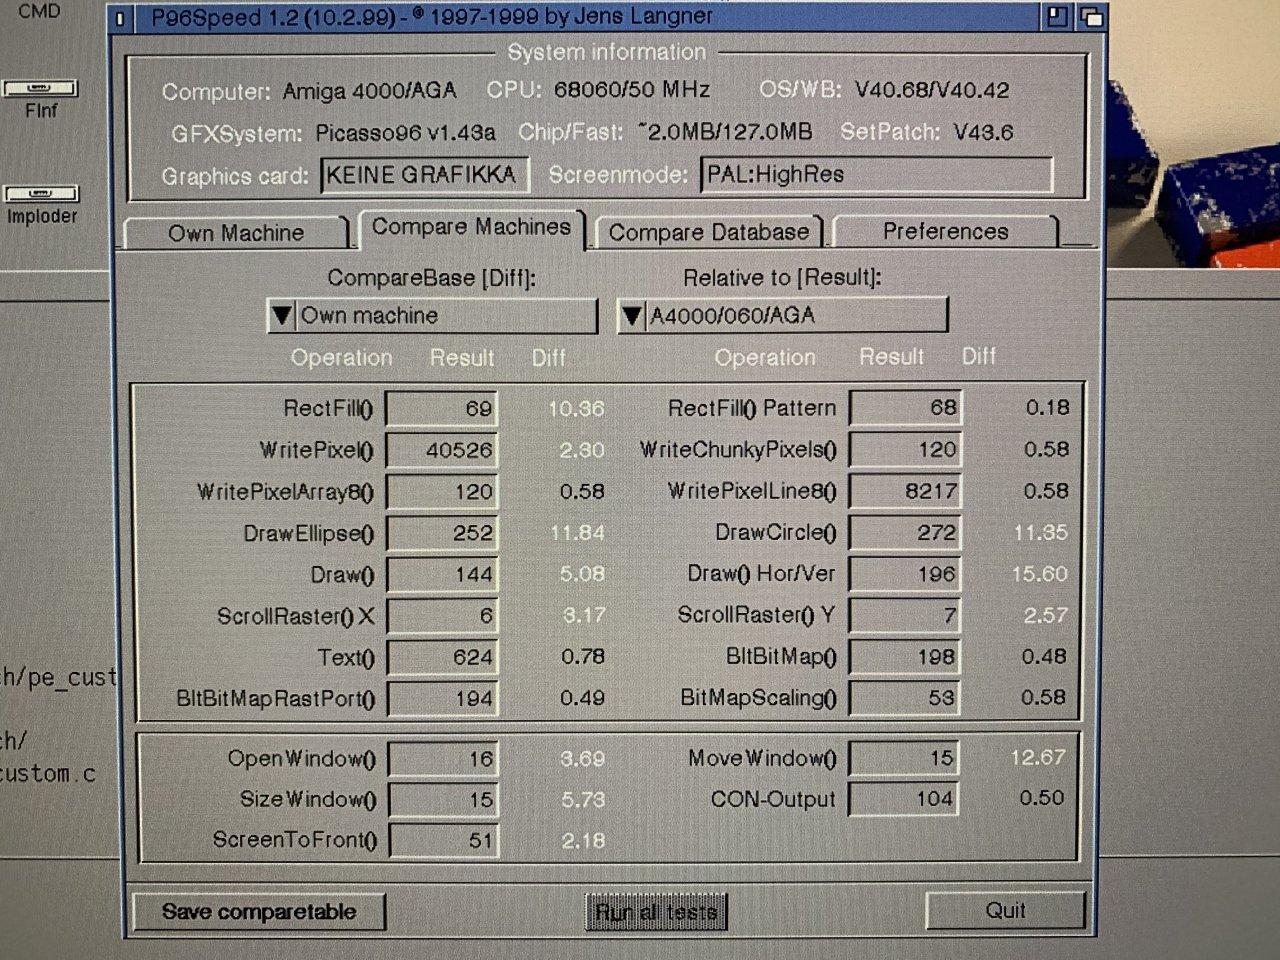 Klikněte na obrázek pro zobrazení větší verze  Název: C513B9D9-B0D9-47E7-8845-711A9CAD622E.jpeg Zobrazeno: 14 Velikost: 325,9 KB ID: 9626